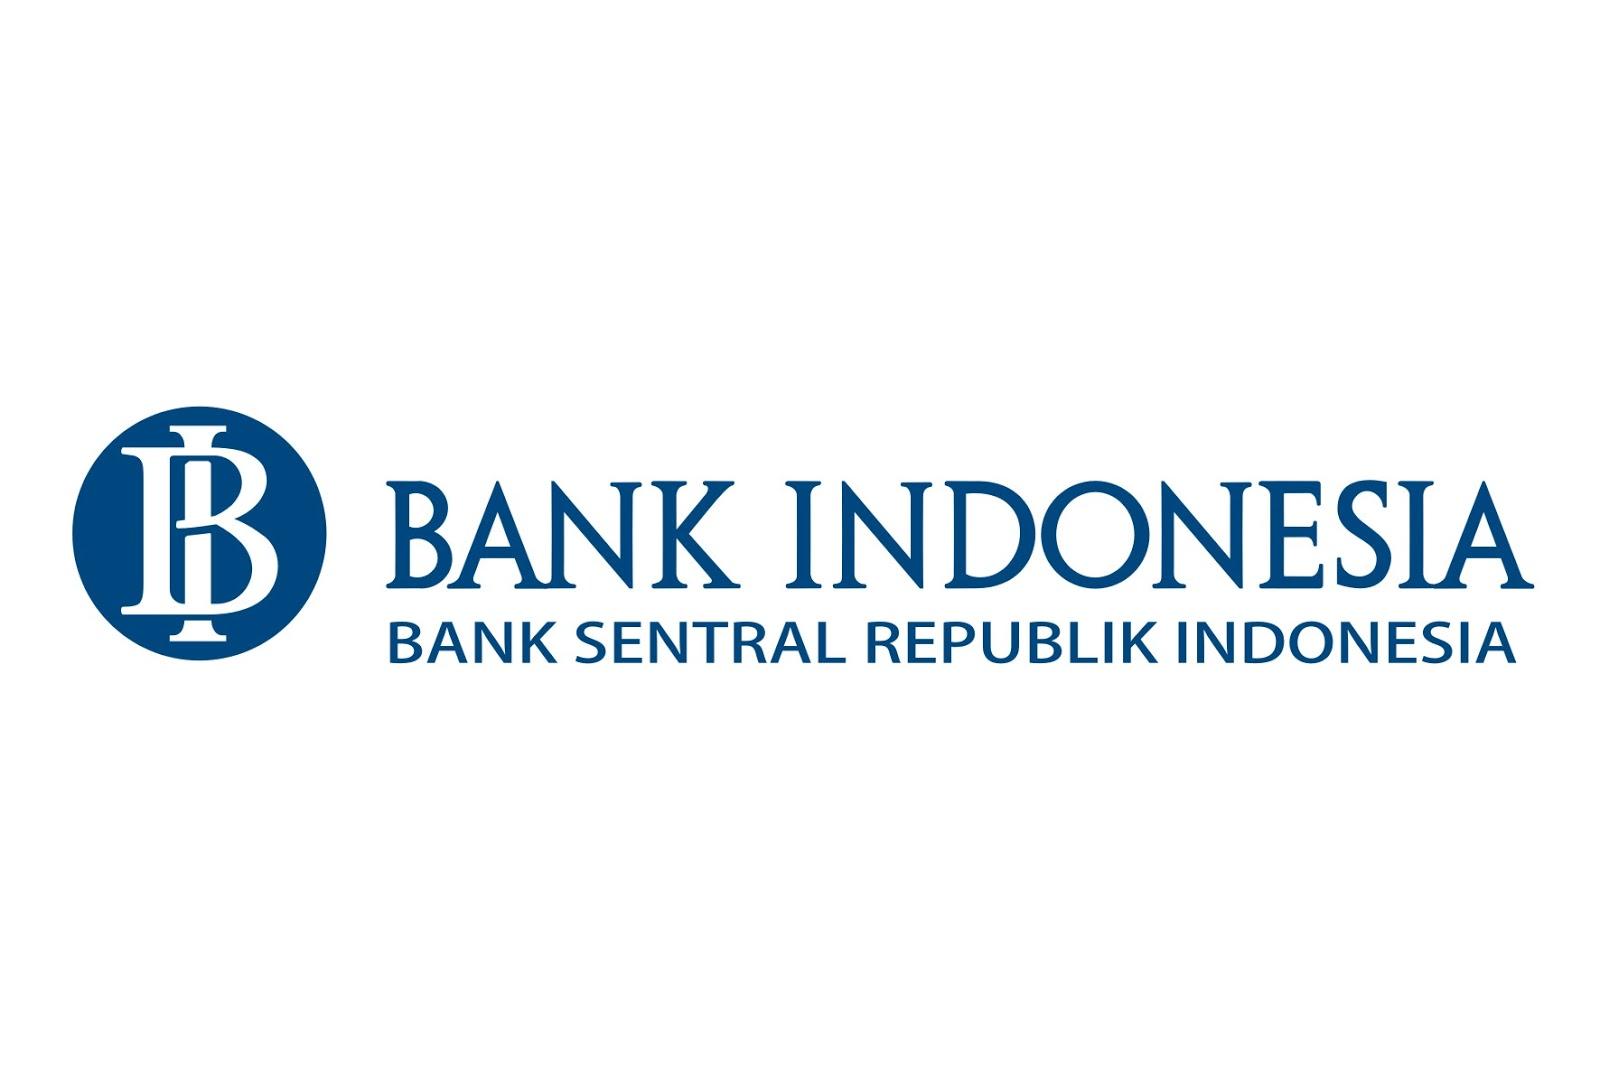 Bank Indonesia Logo Vector